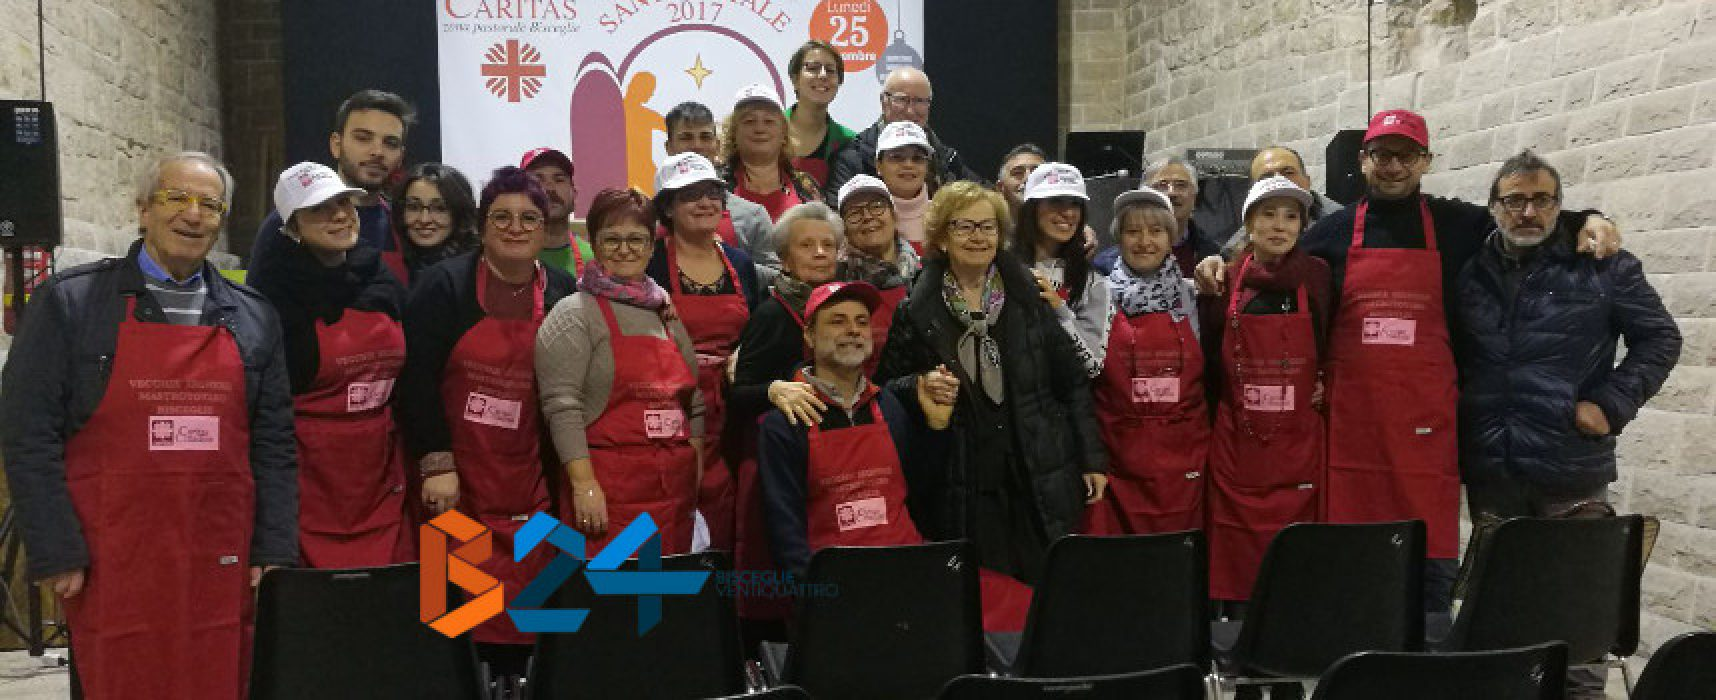 Tradizionale pranzo di Natale della Caritas alle Vecchie Segherie Mastrotoraro /VIDEO